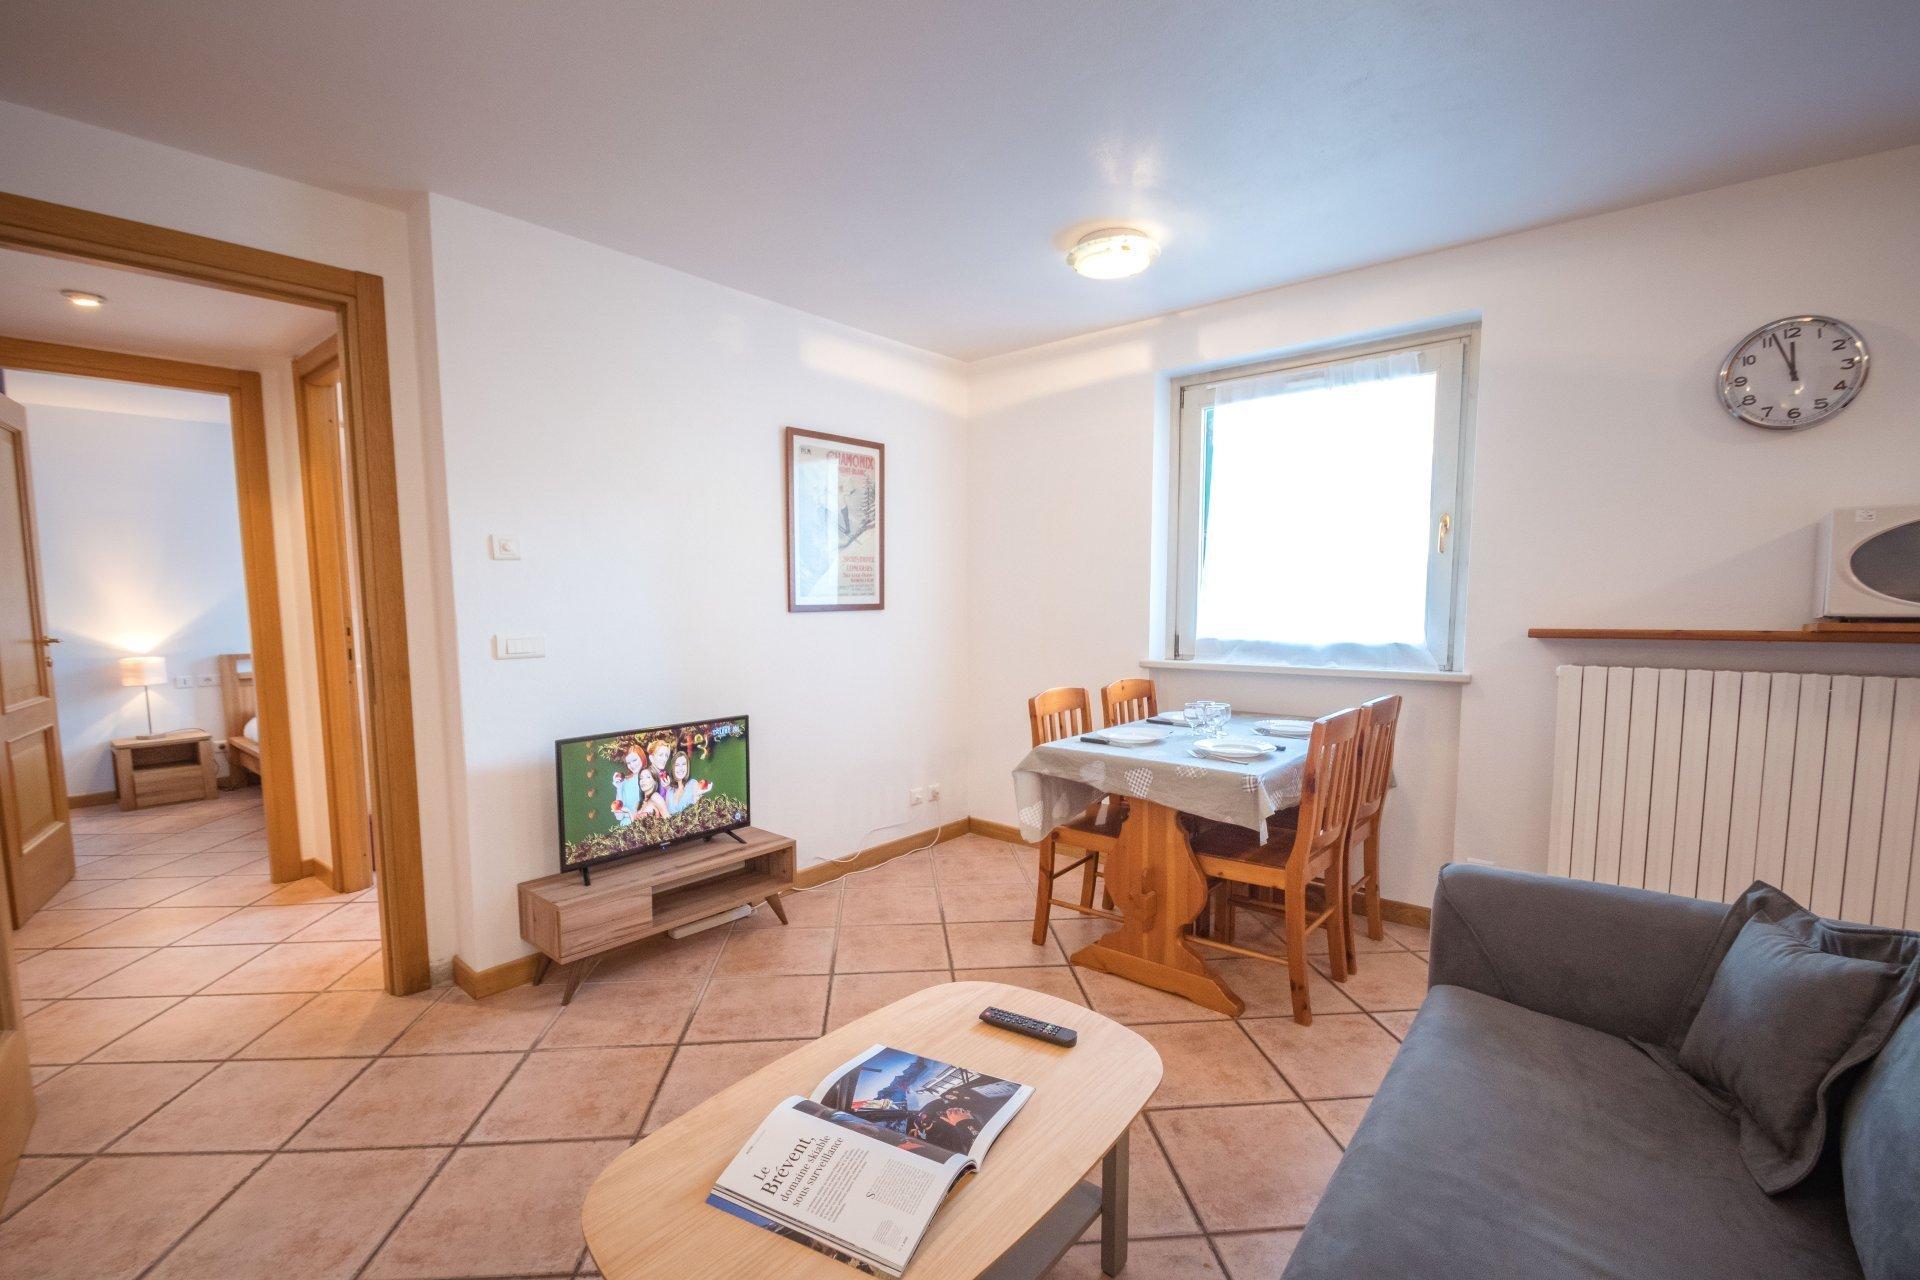 1 bedroom apartment, Chamonix-Mont-Blanc